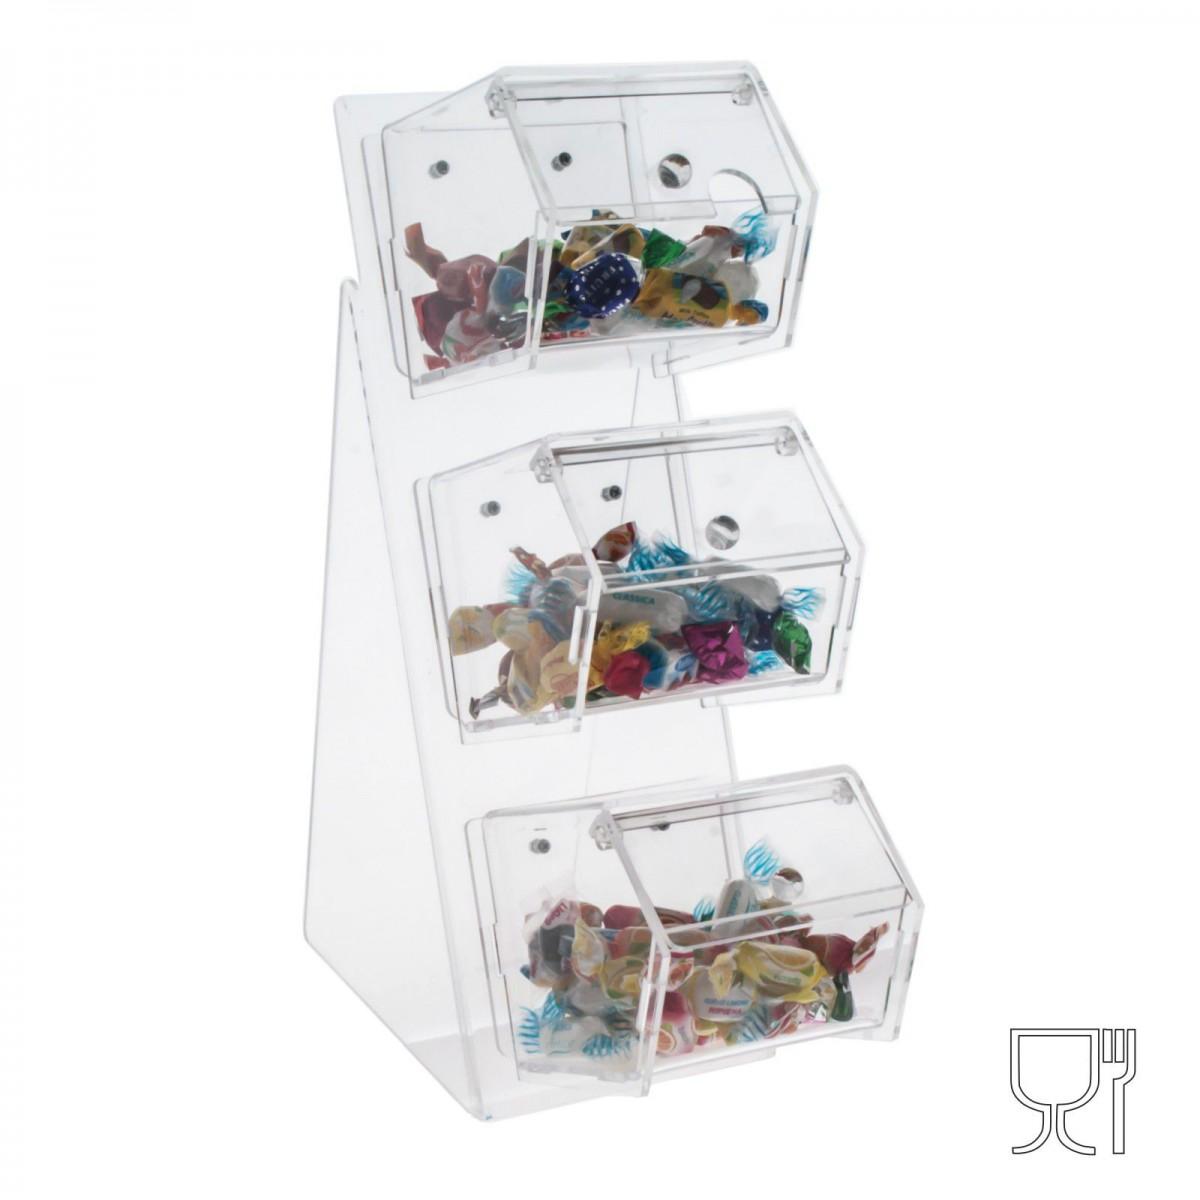 E-004 PC - Porta caramelle in plexiglass a 3 scomparti con sportello